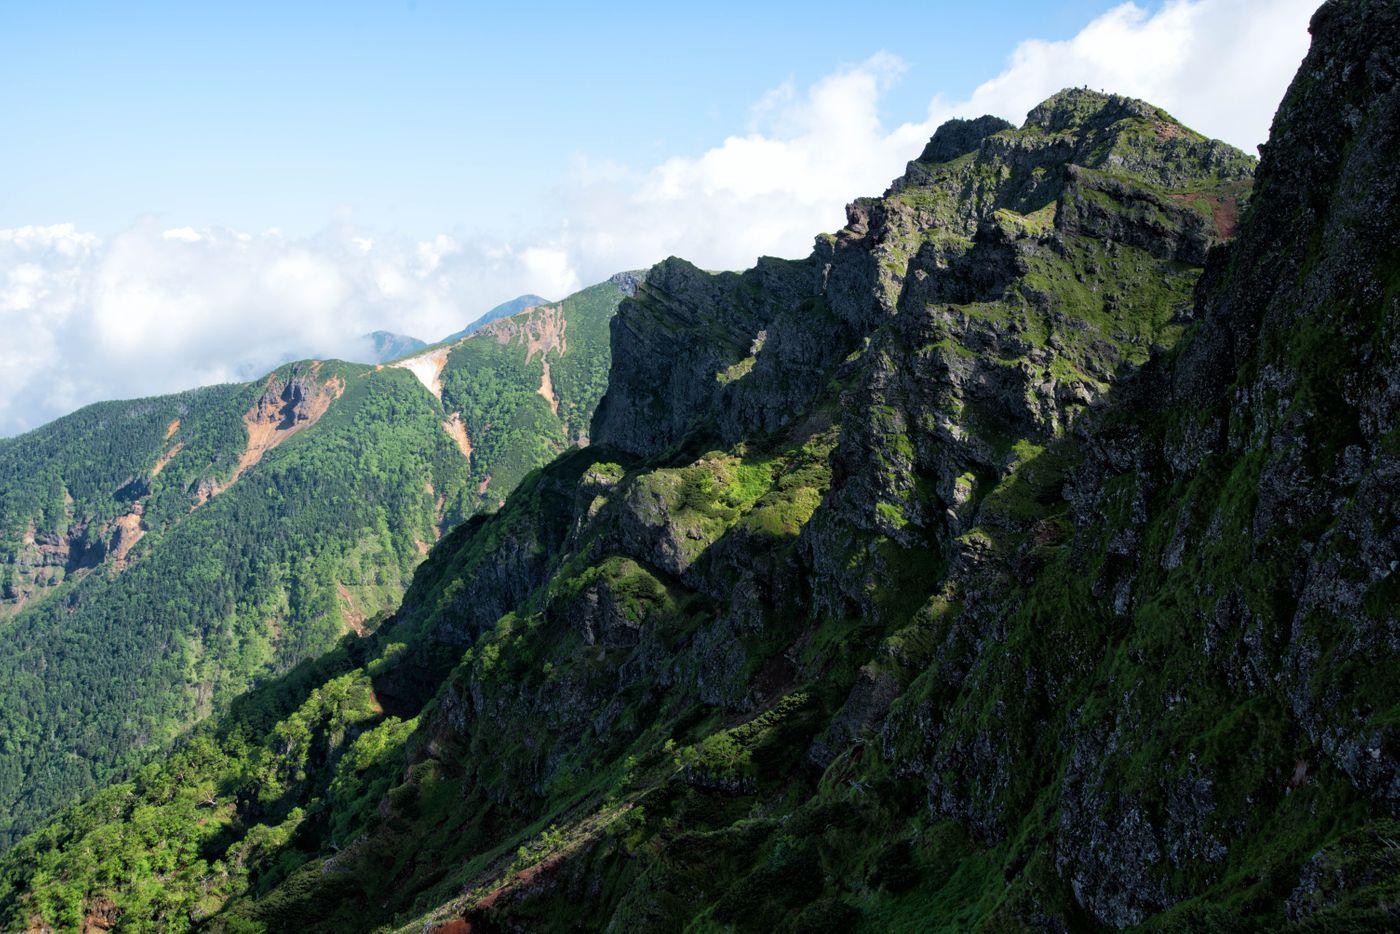 横岳の岩場絶壁(八ヶ岳)の写真